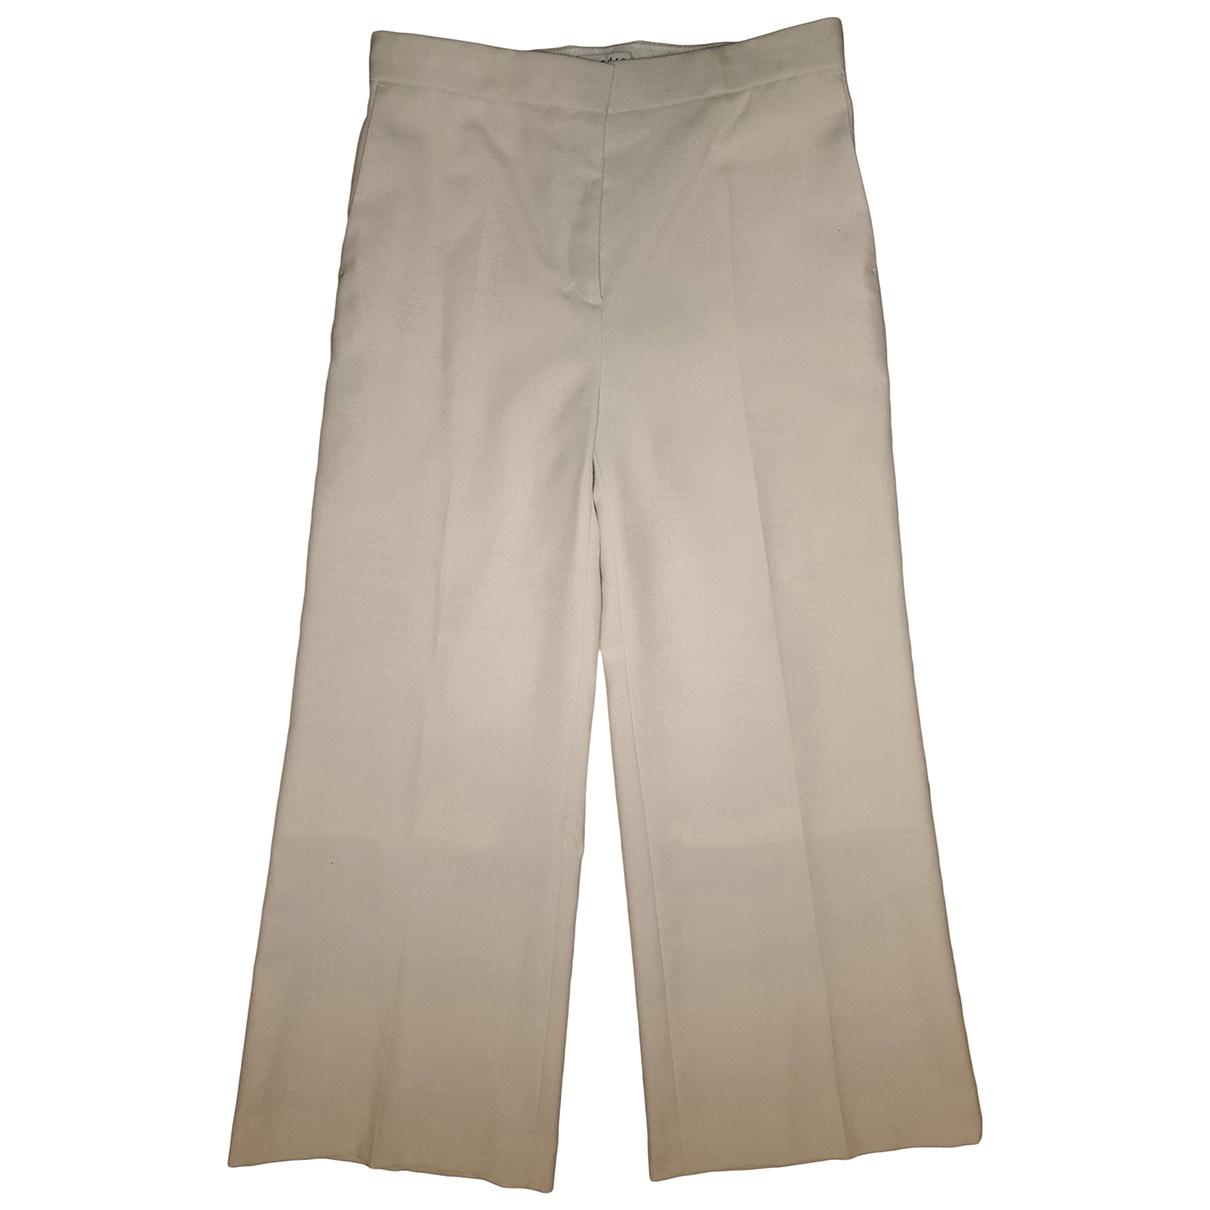 Sandro Spring Summer 2019 Ecru Trousers for Women 38 FR